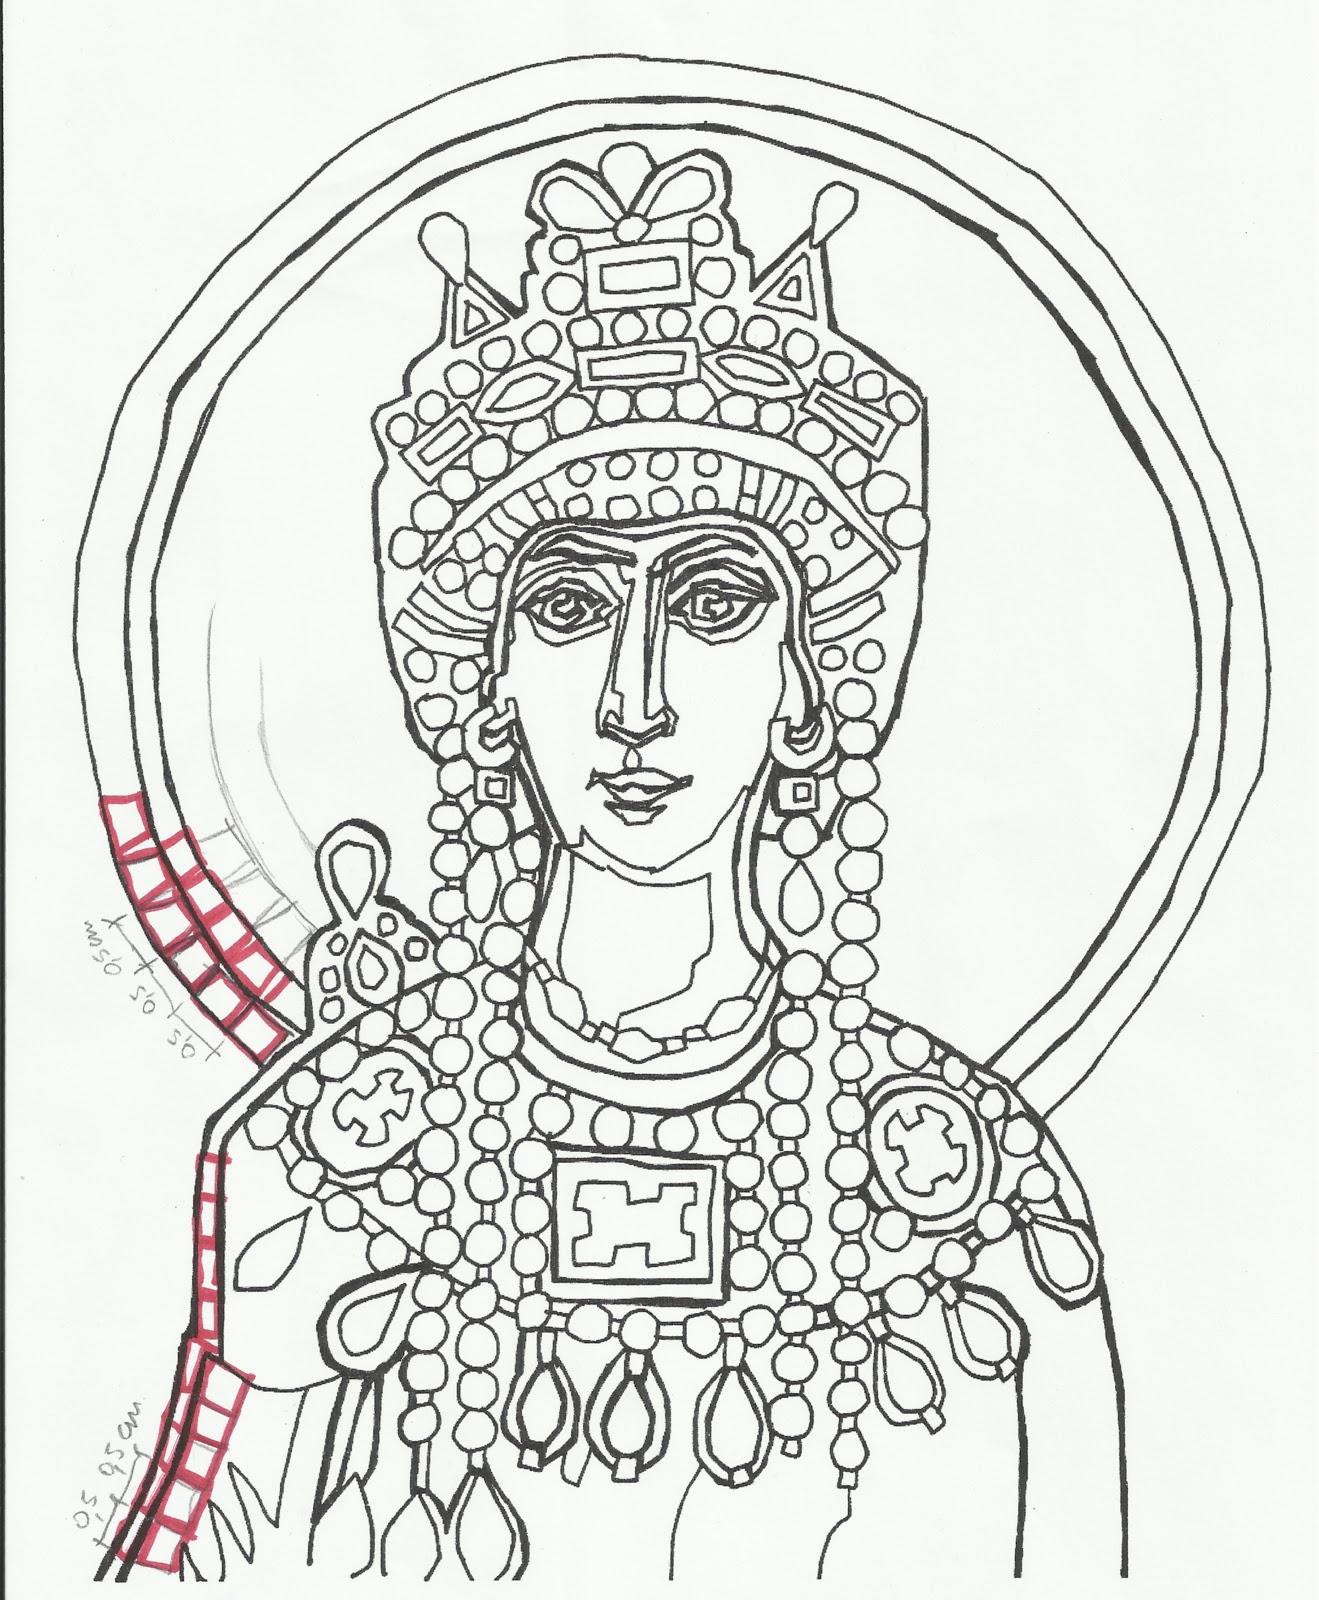 immagini di mosaici da colorare hj45 regardsdefemmes